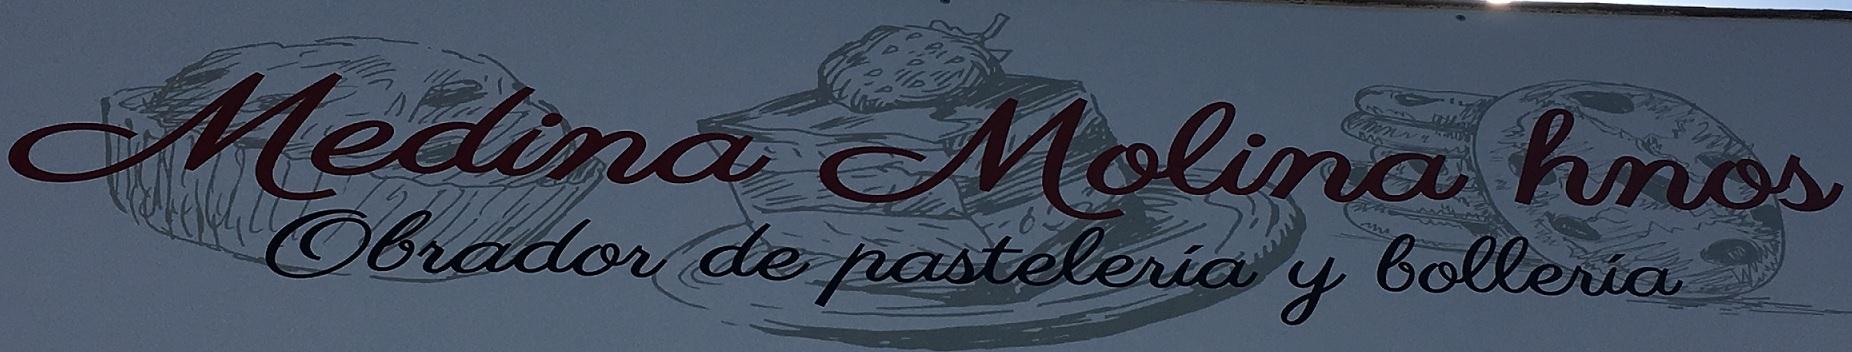 Medina Molina Hermanos - Antes la Mallorquina